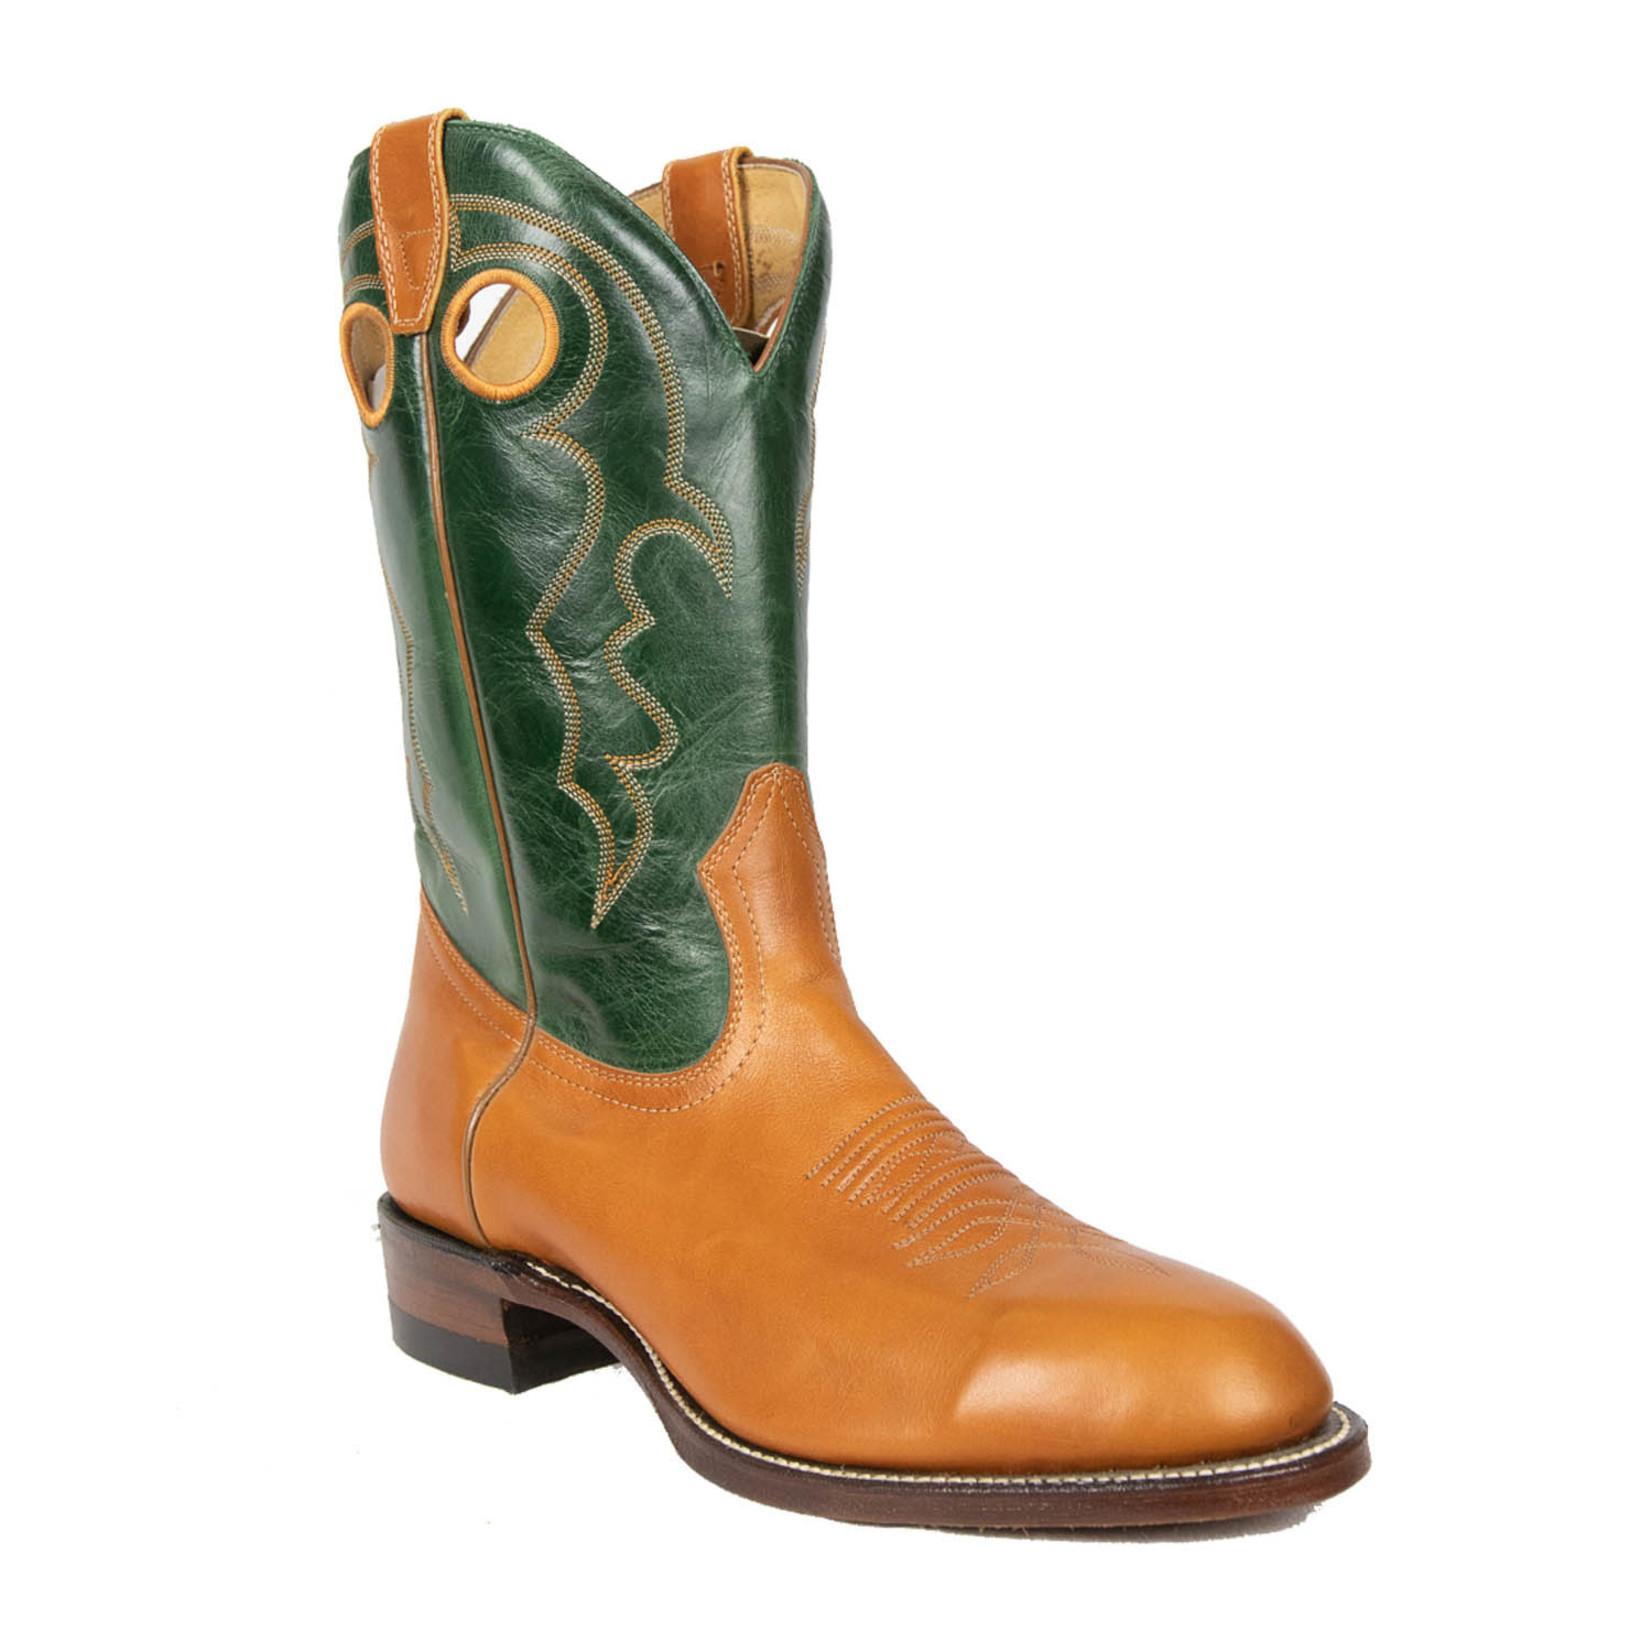 Boulet Boulet Men's Cowboy Boot 8030 E